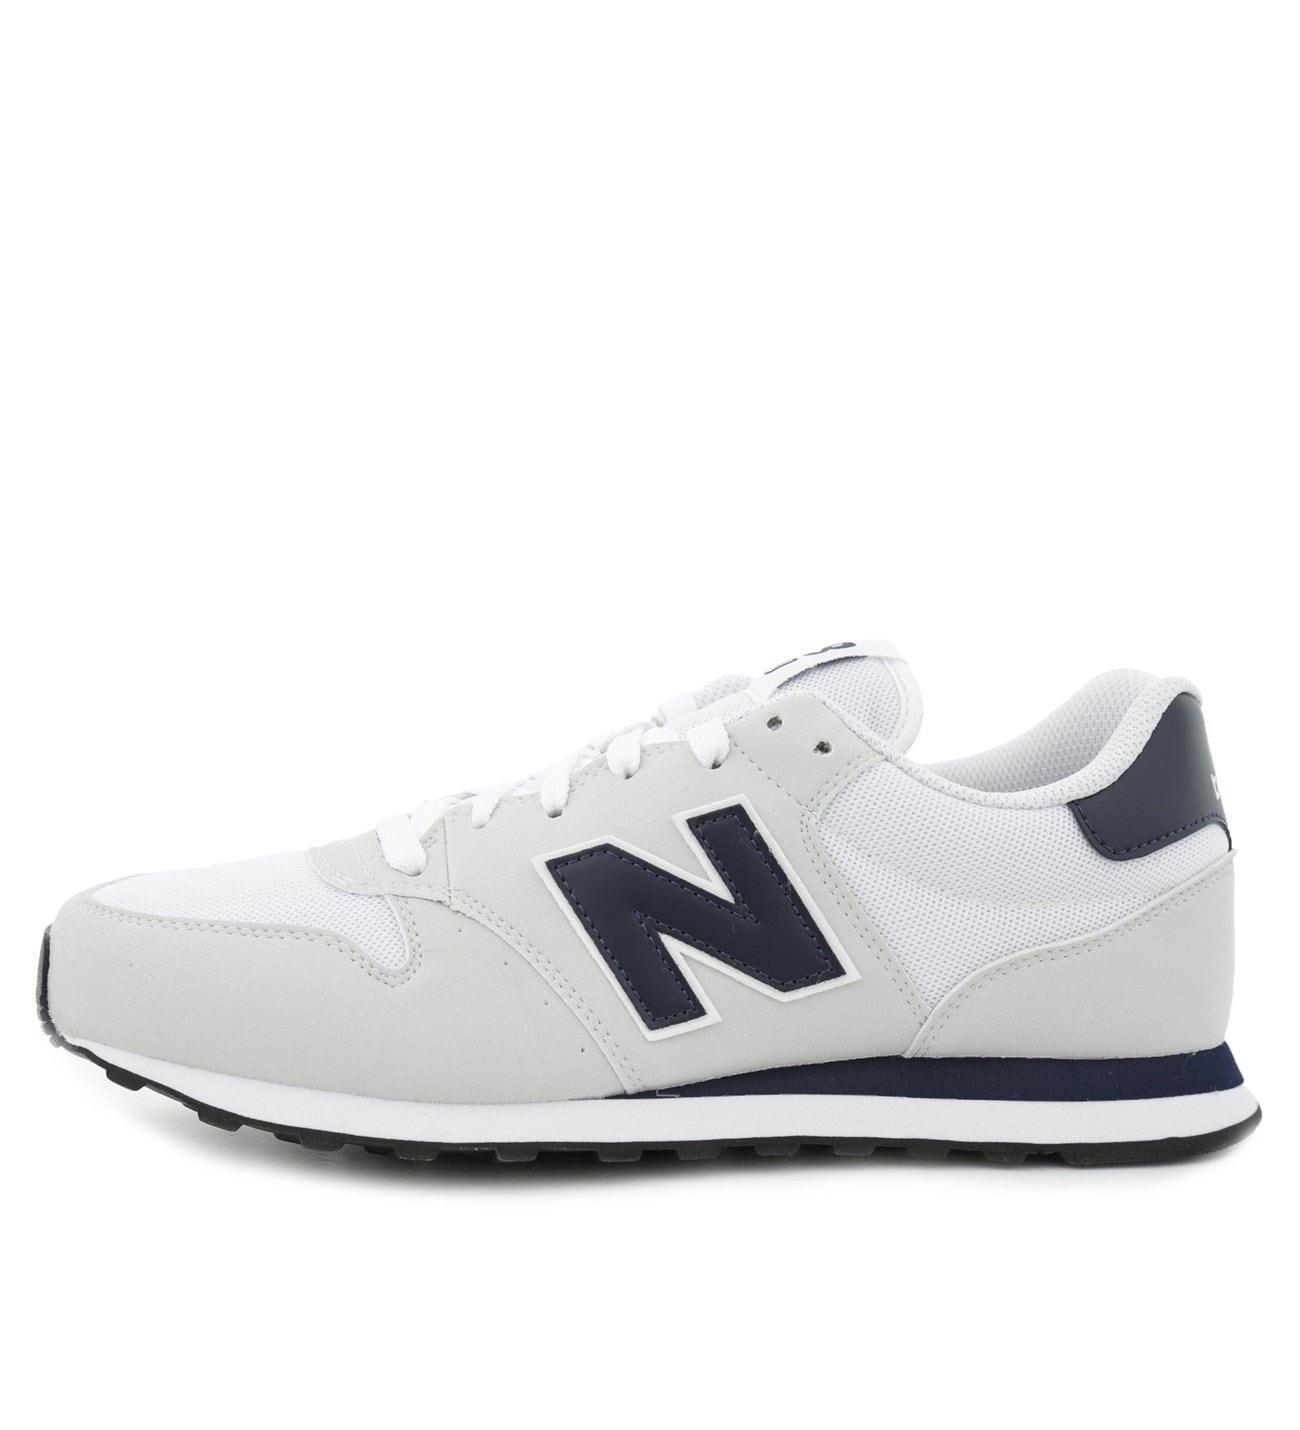 Bgm500 Beyaz Balance R Günlük New Erkek Bgm500own Ayakkabı 1FulTKJ3c